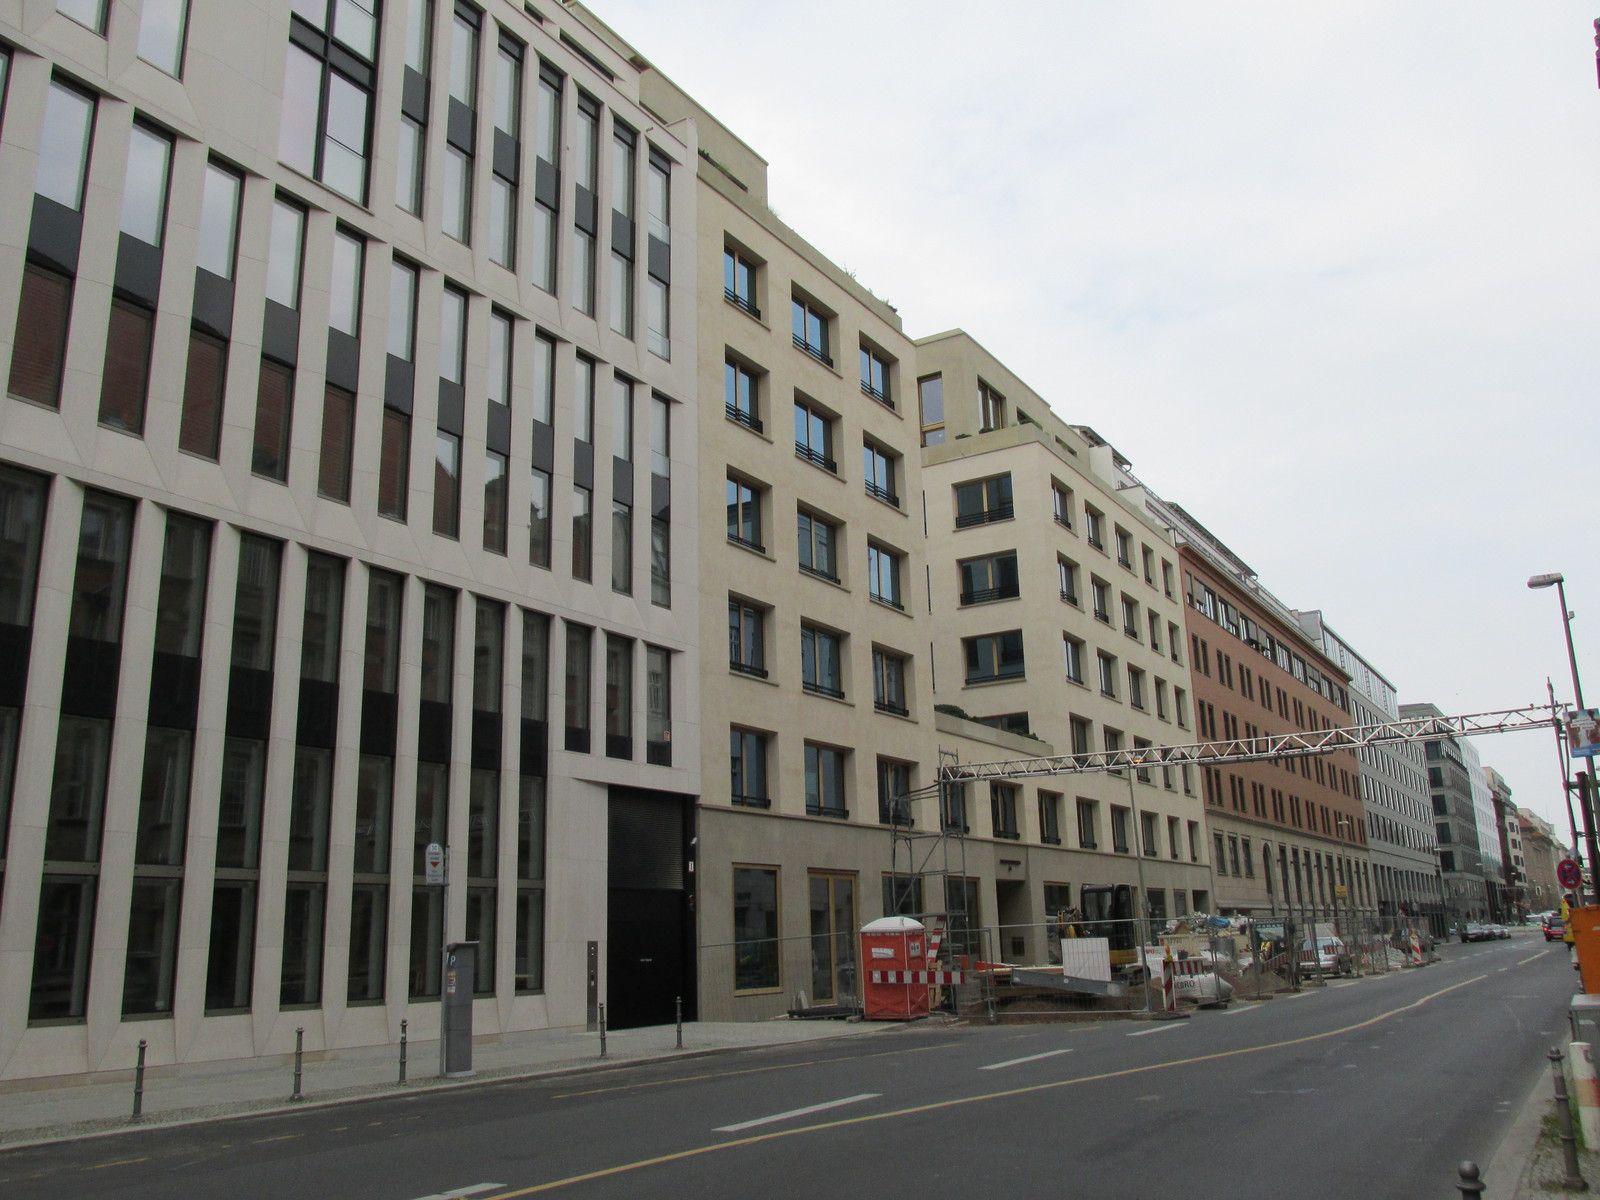 Palais Varnhagen mitte altbezirk seite 19 berlin architectura pro homine